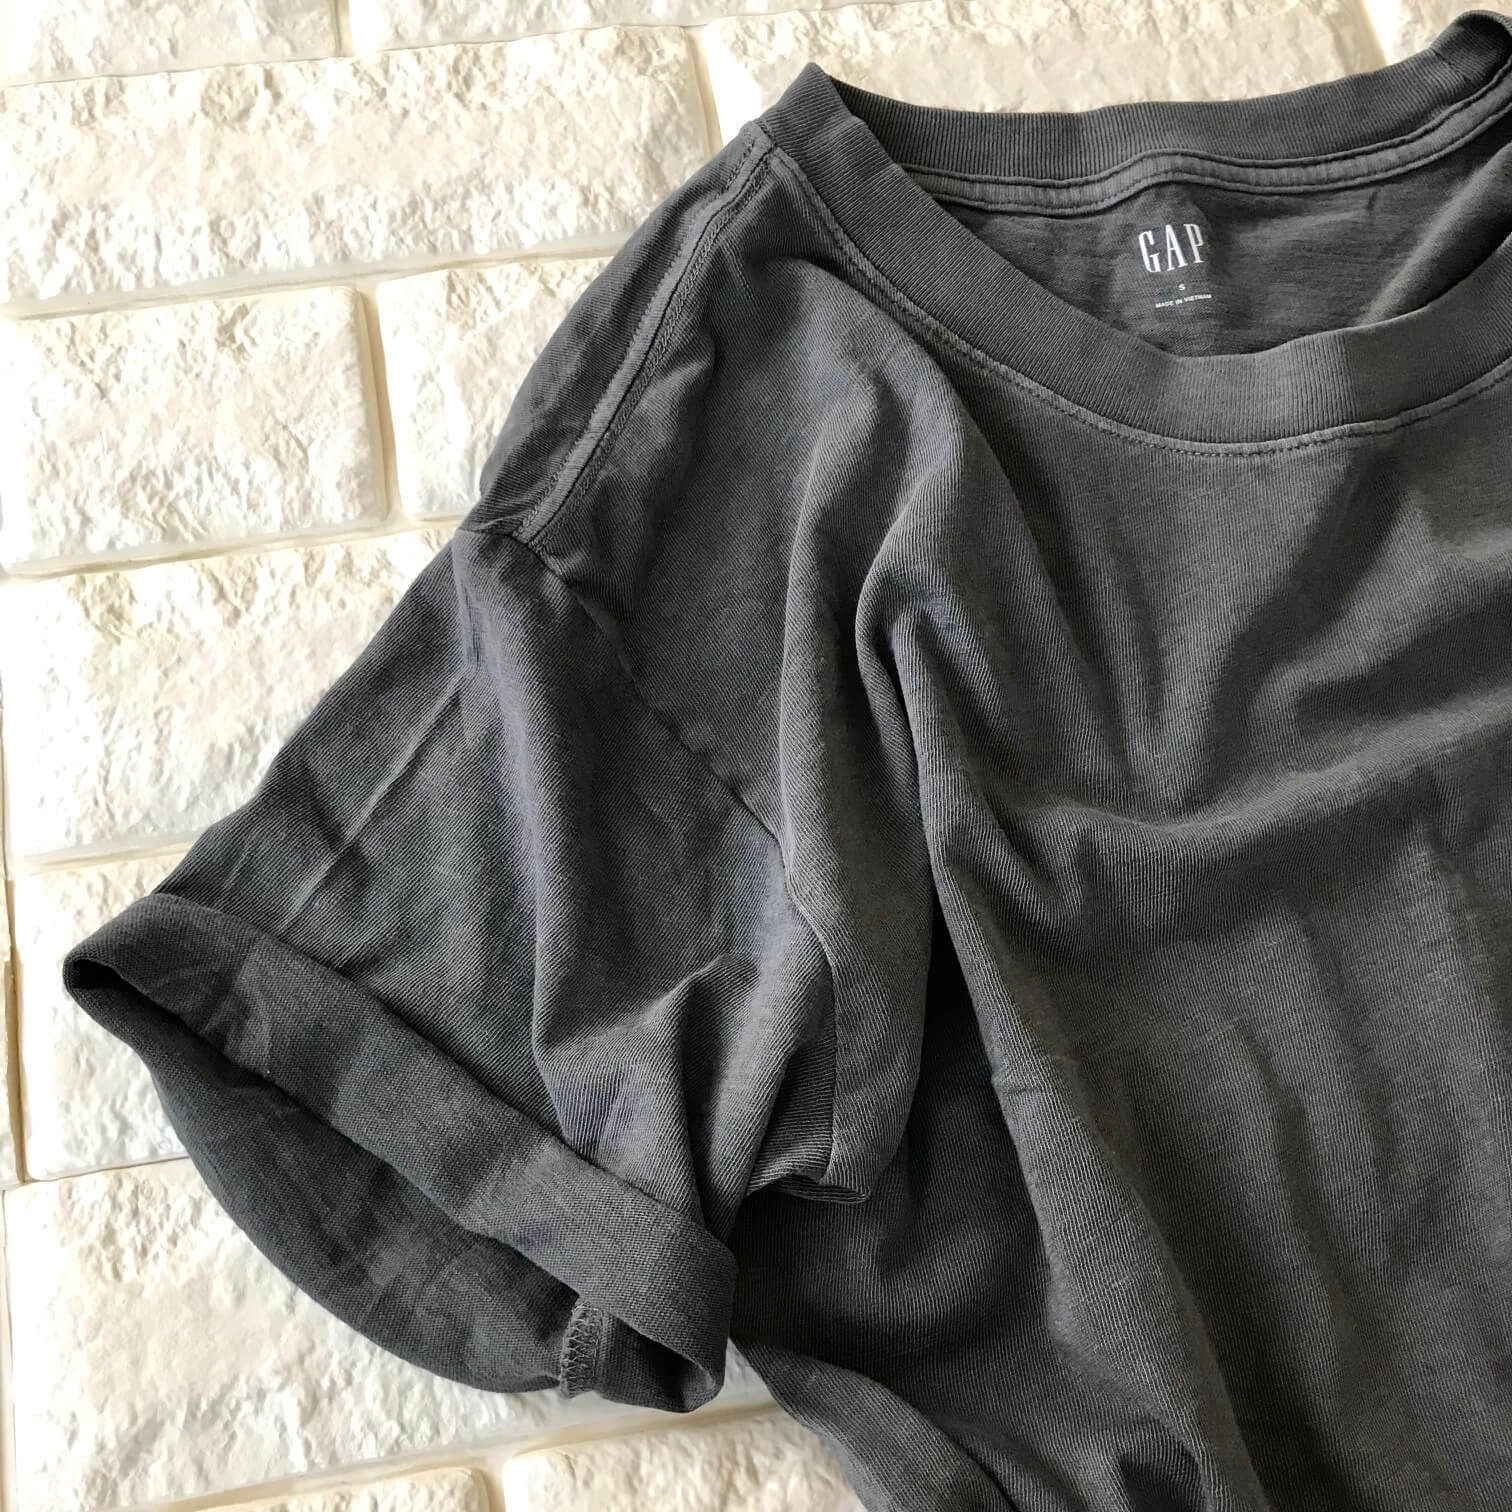 GAPのTシャツアップ画像